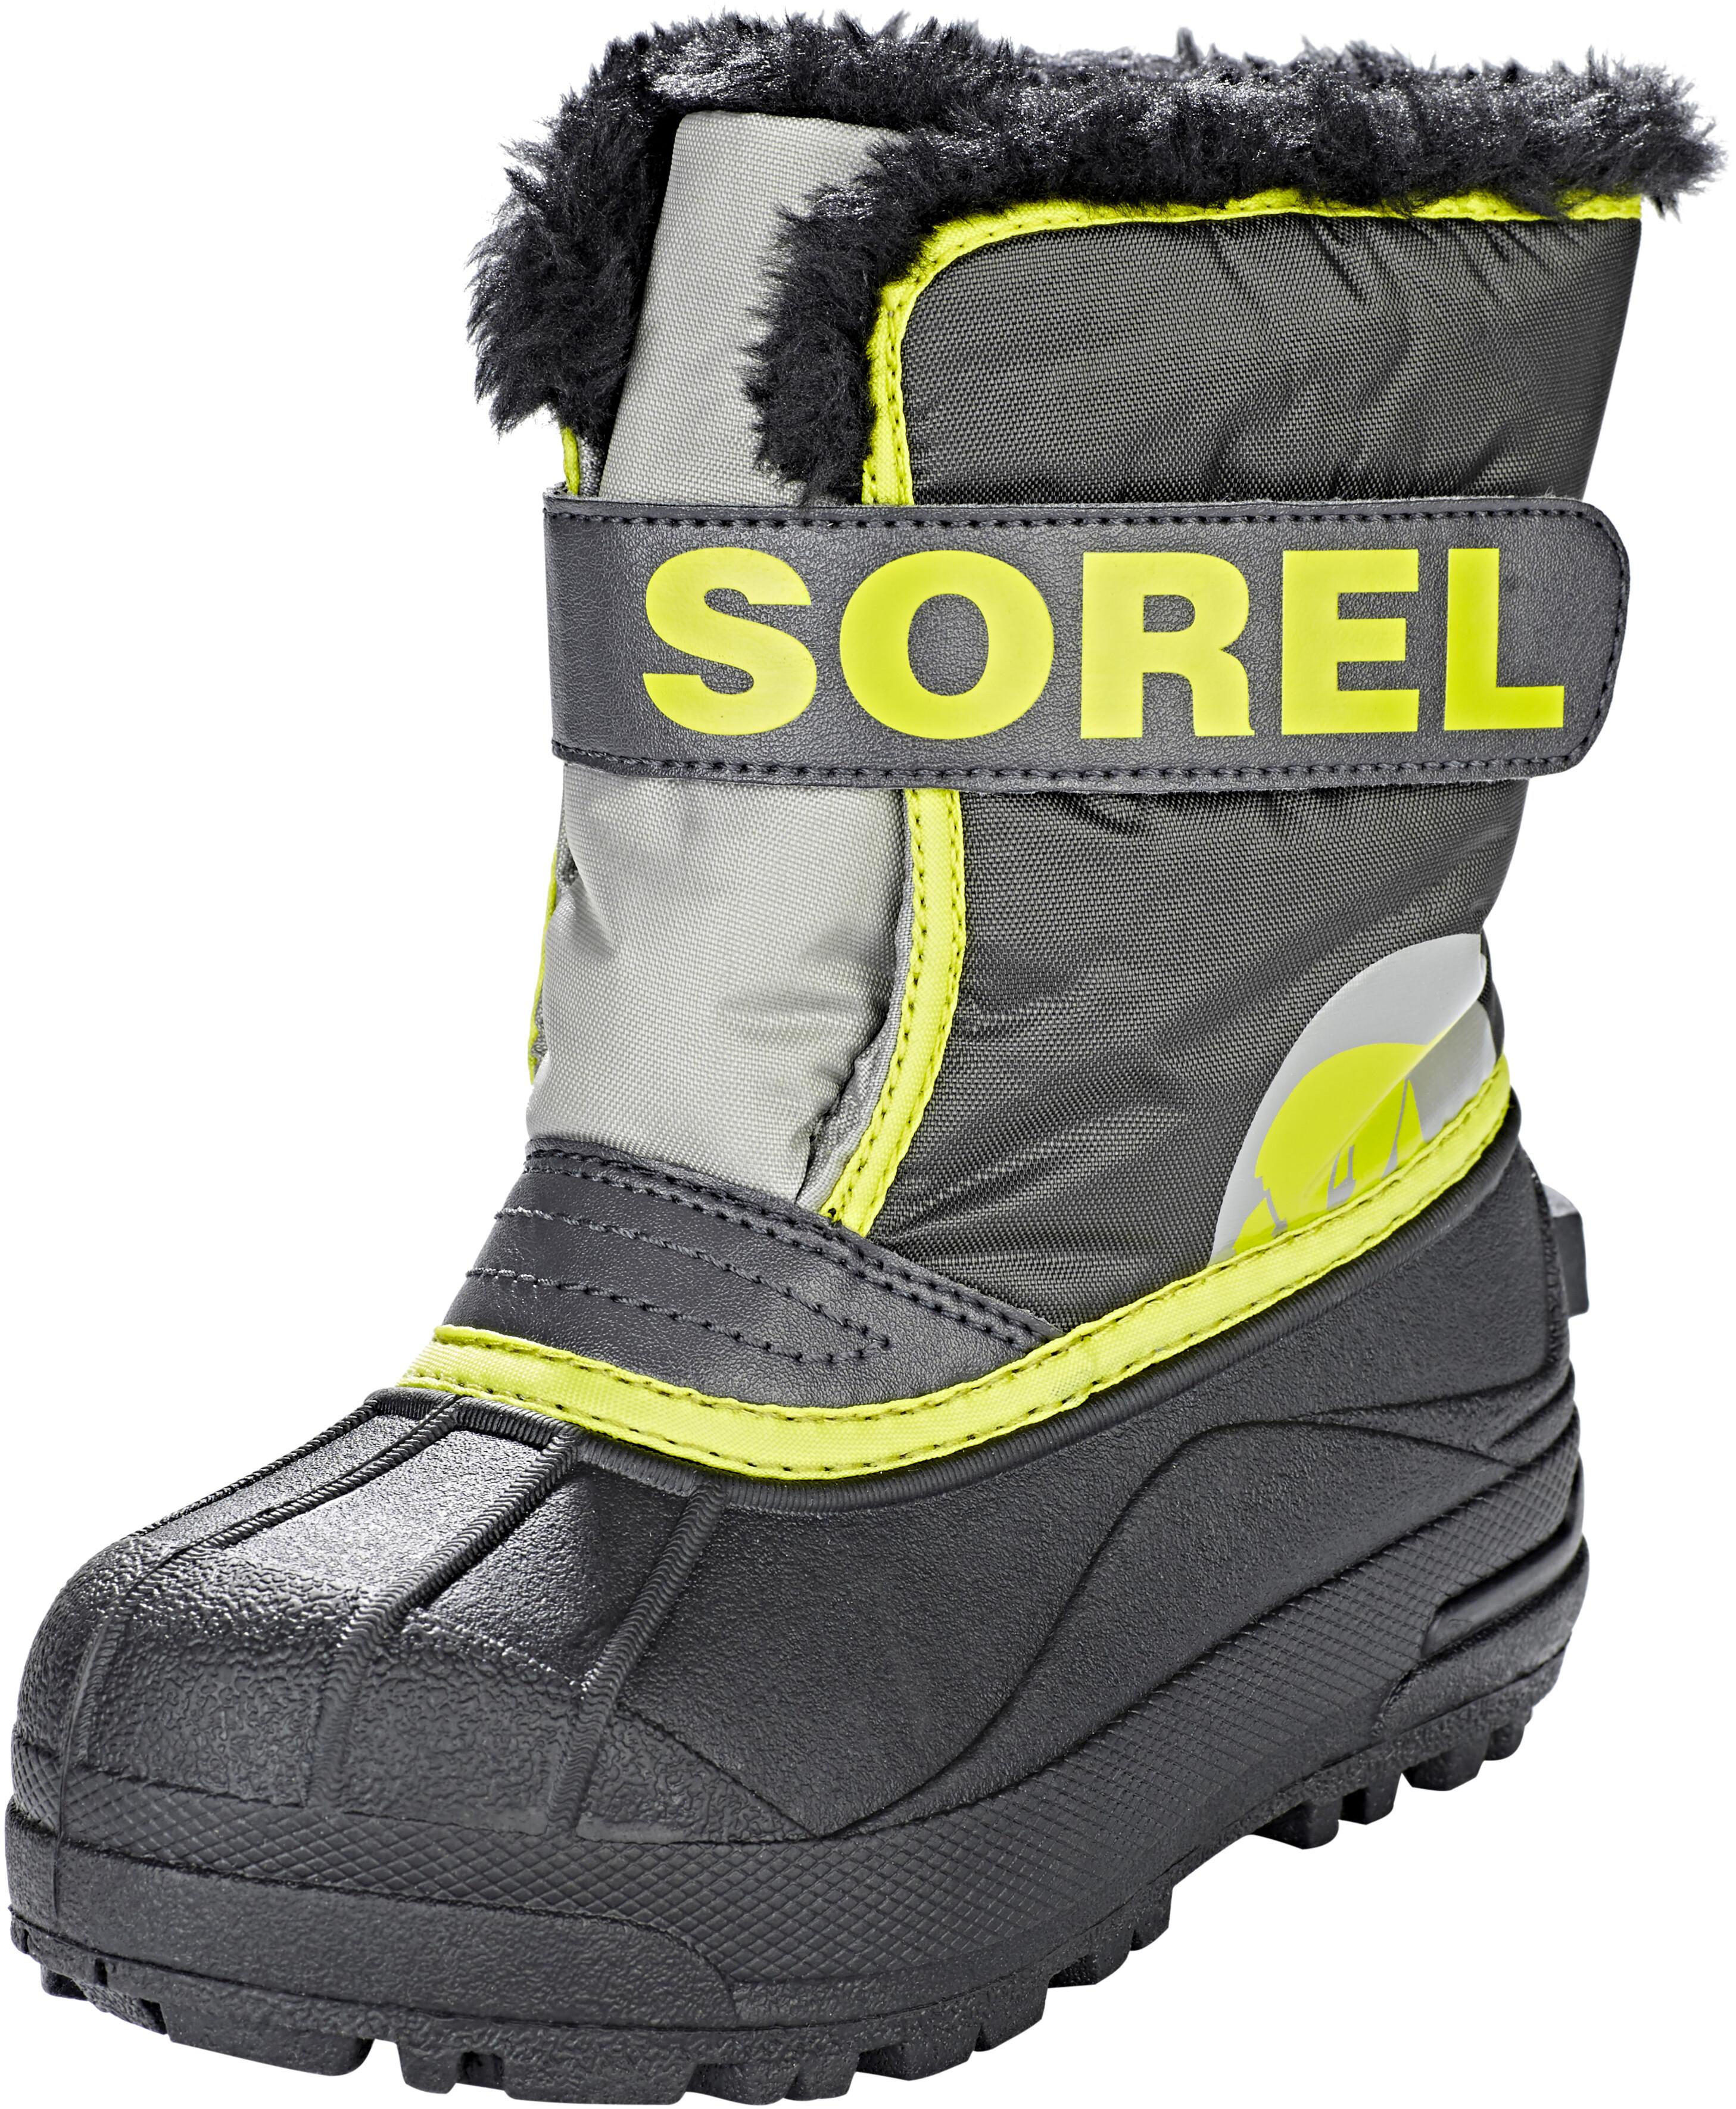 Sorel Snow Commander - Bottes Enfant - jaune noir sur CAMPZ ! 357edb751a0d